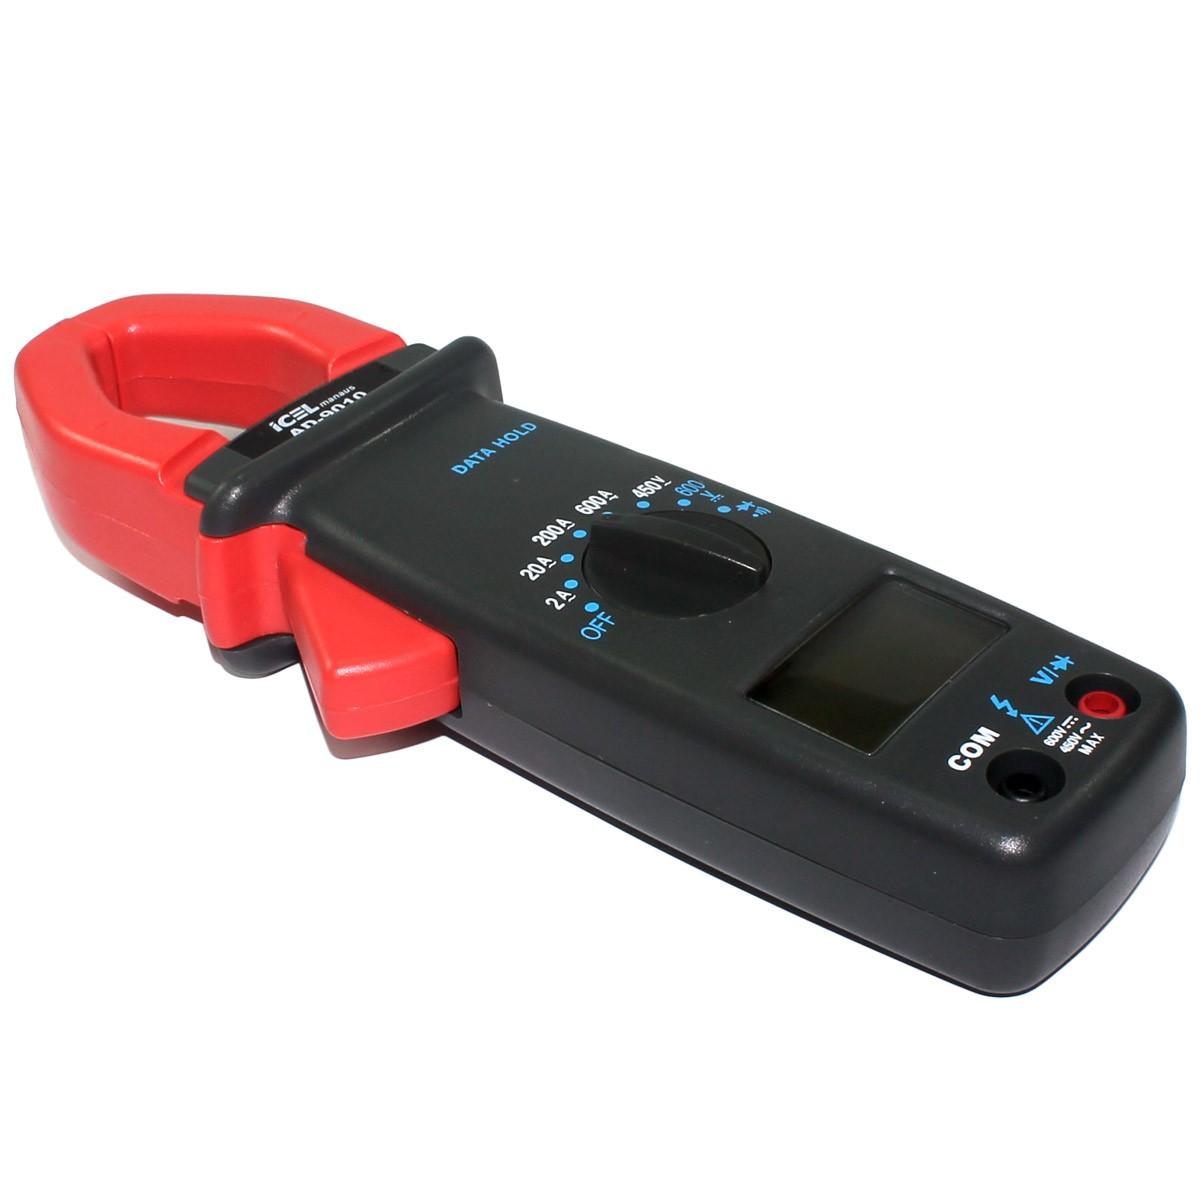 AD9010 - Alicate Digital Icel Tensão DC: 600V AC: 450V Corrente AC: 600A  - Rio Link